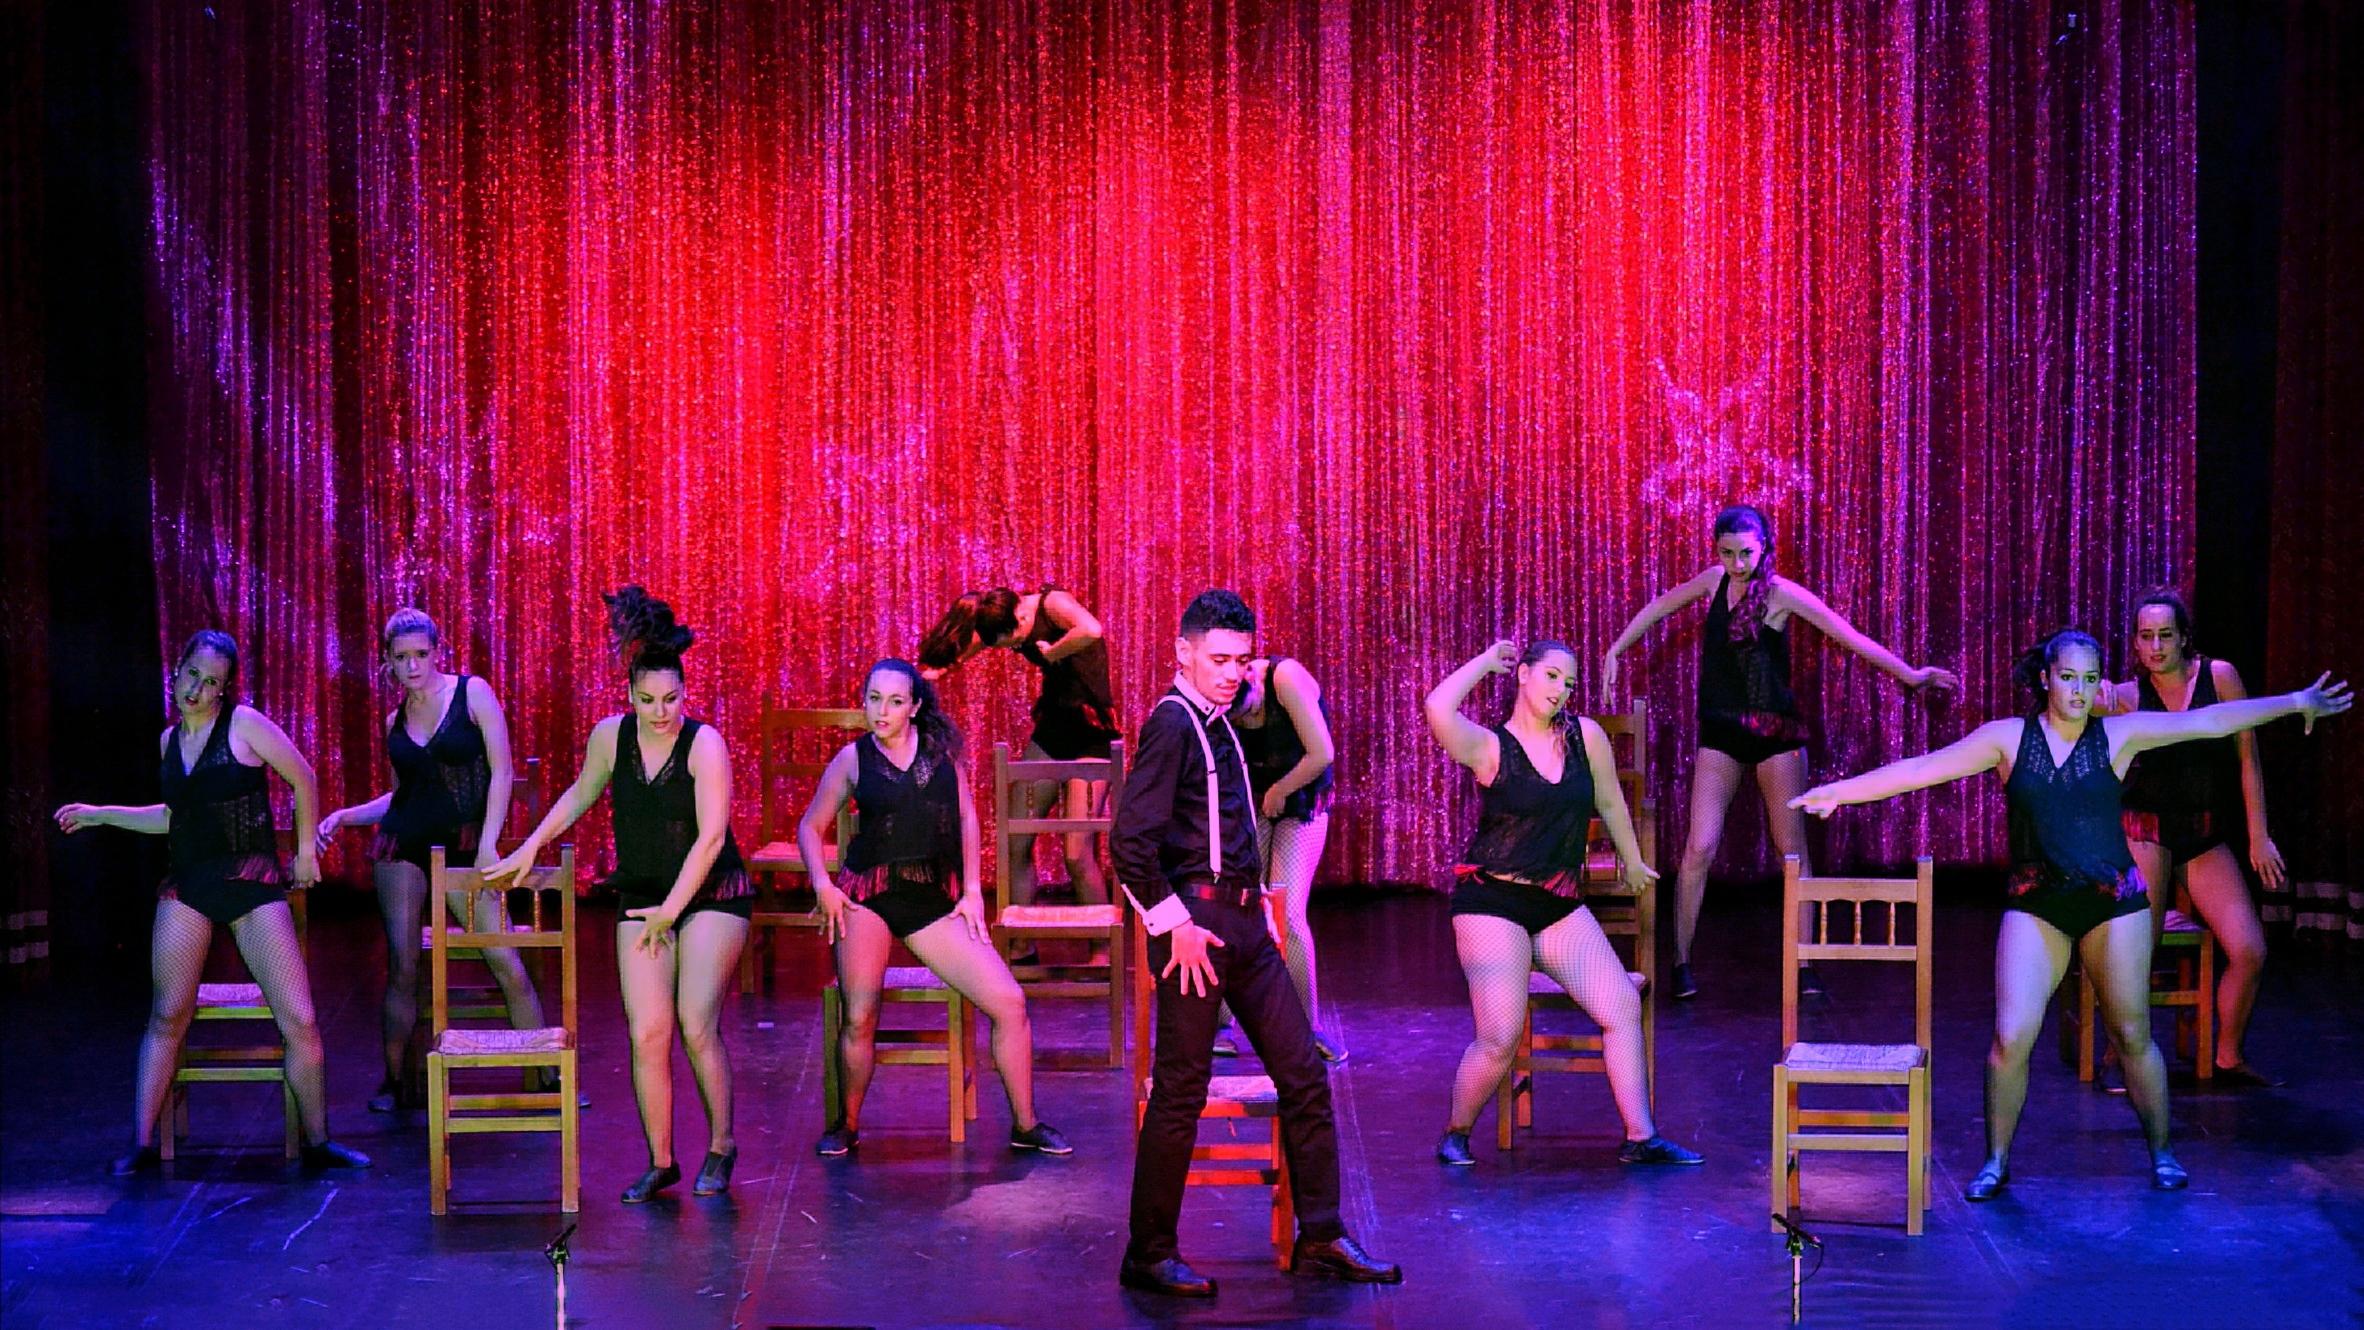 Linea-de-Baile-festival-verano-2015-clases-de-baile-valencia-45